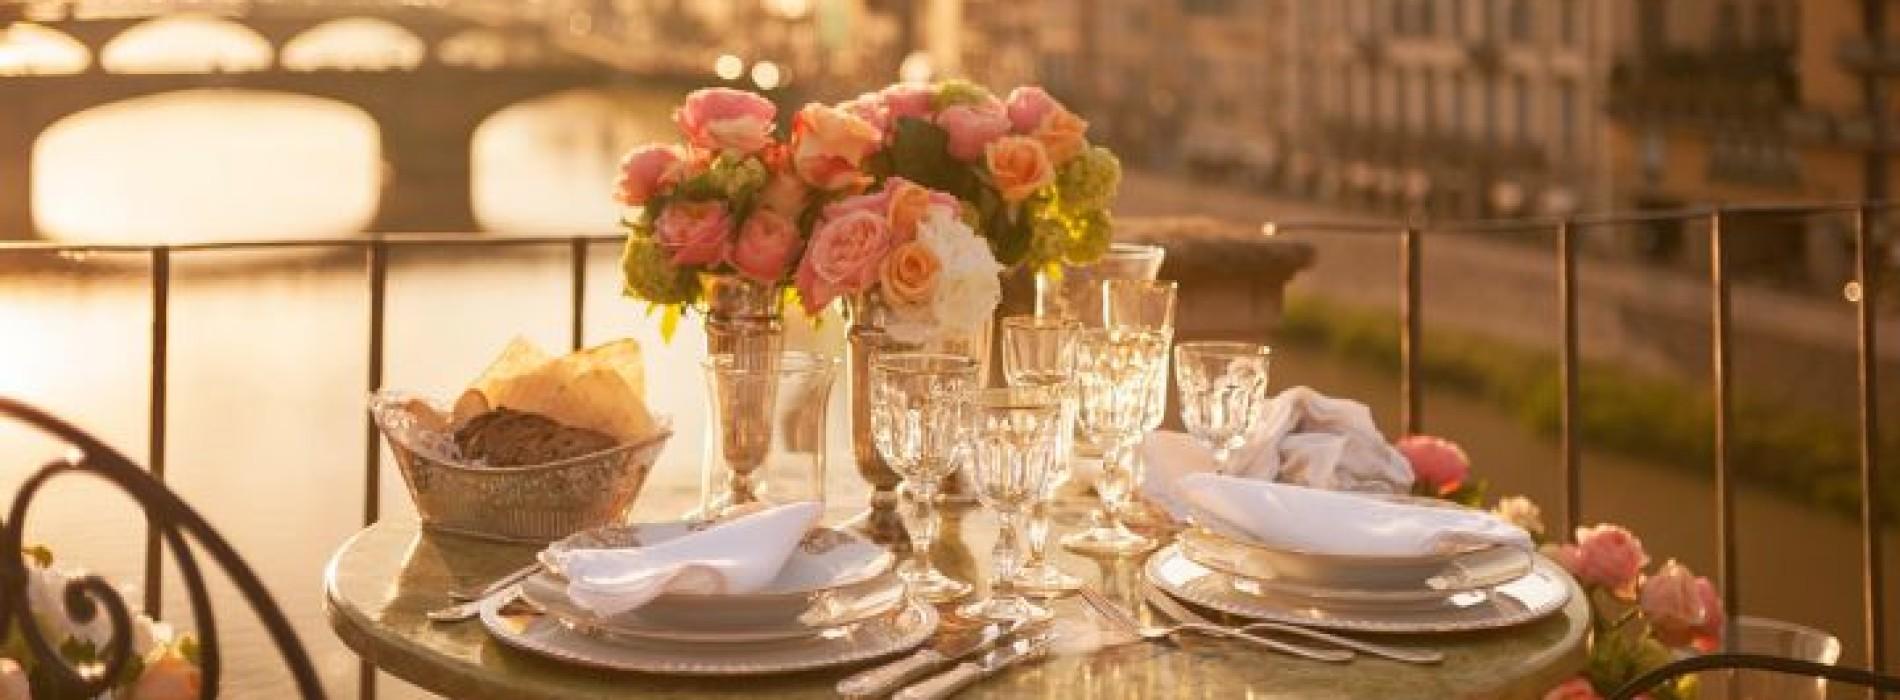 Ristoranti romantici firenze a cena con l 39 arte for Soggiorni romantici per due